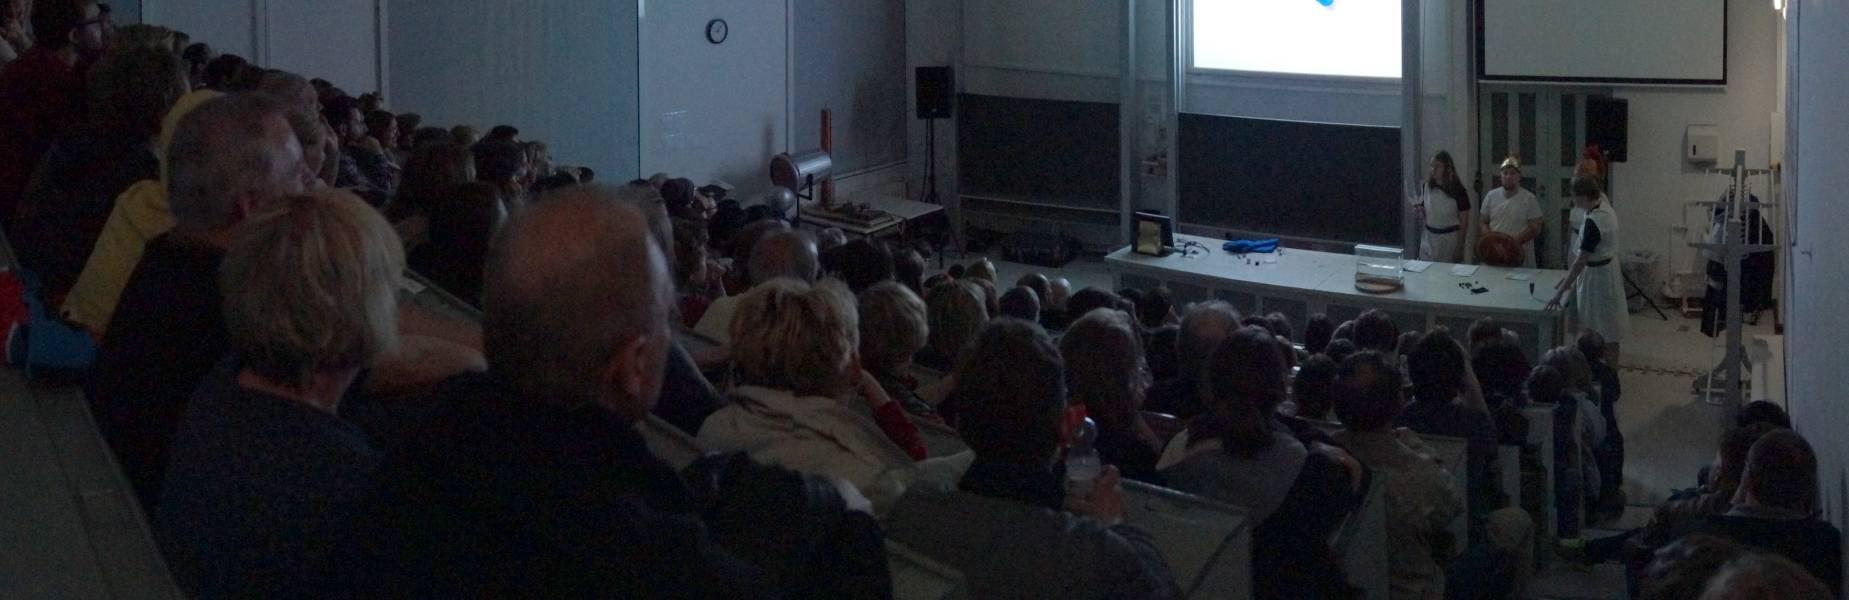 Lange Nacht der Wissenschaften in Rostock